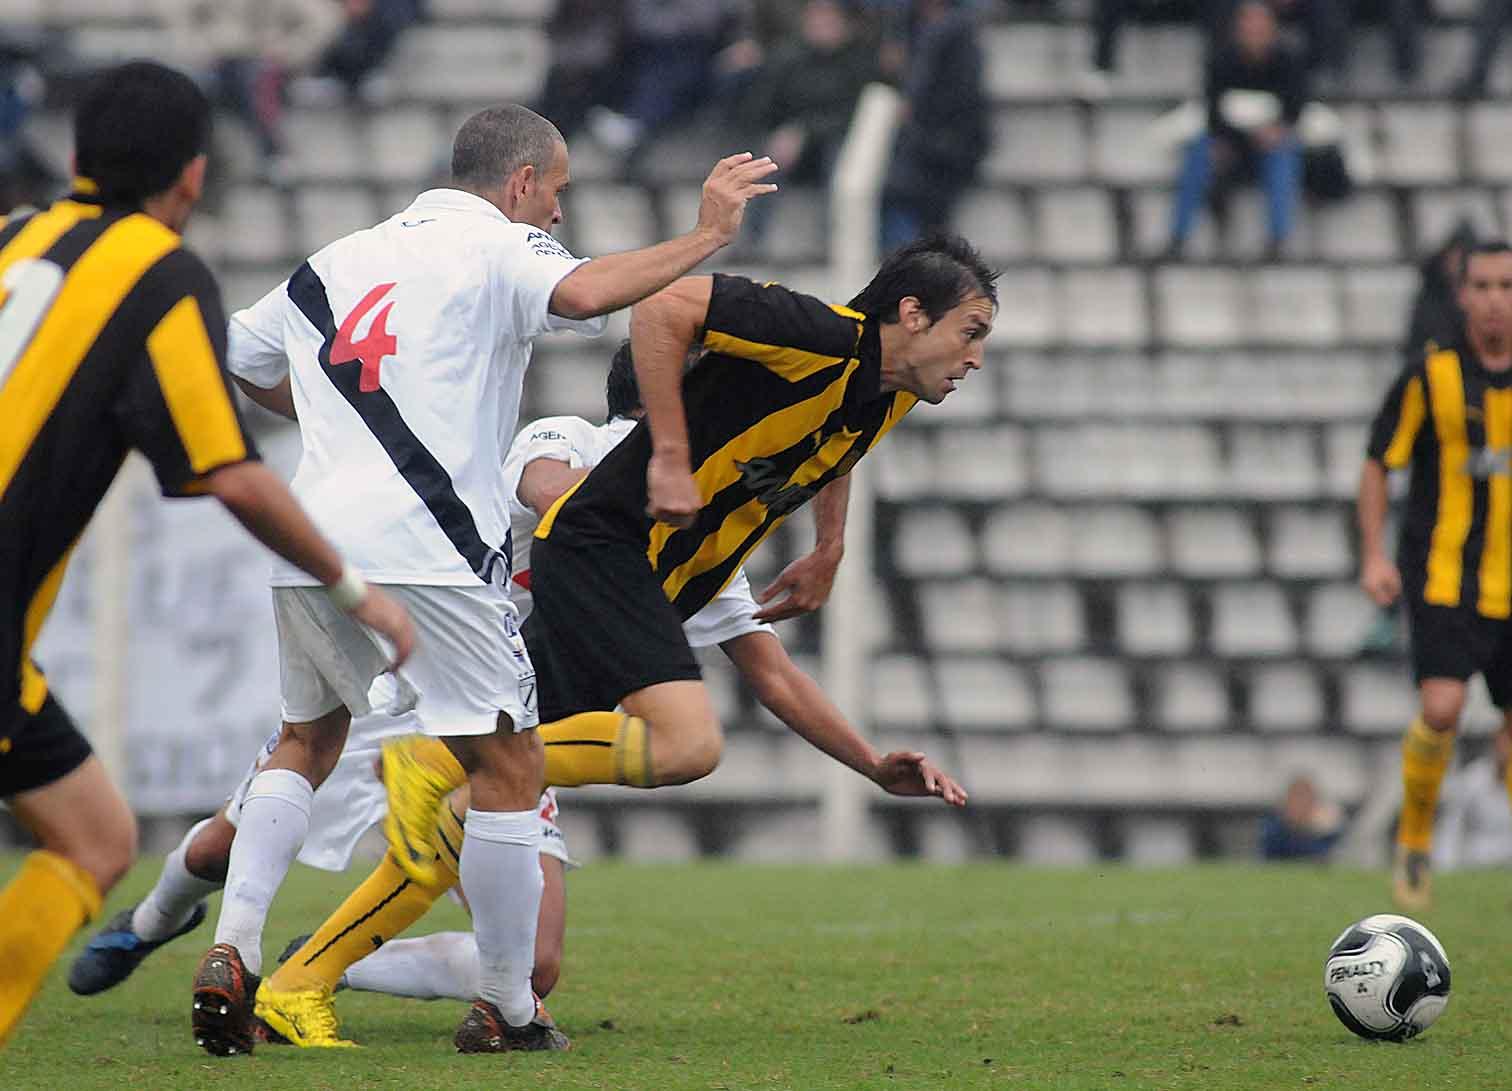 Resultado de imagen para Peñarol 2-1 Danubio 2010